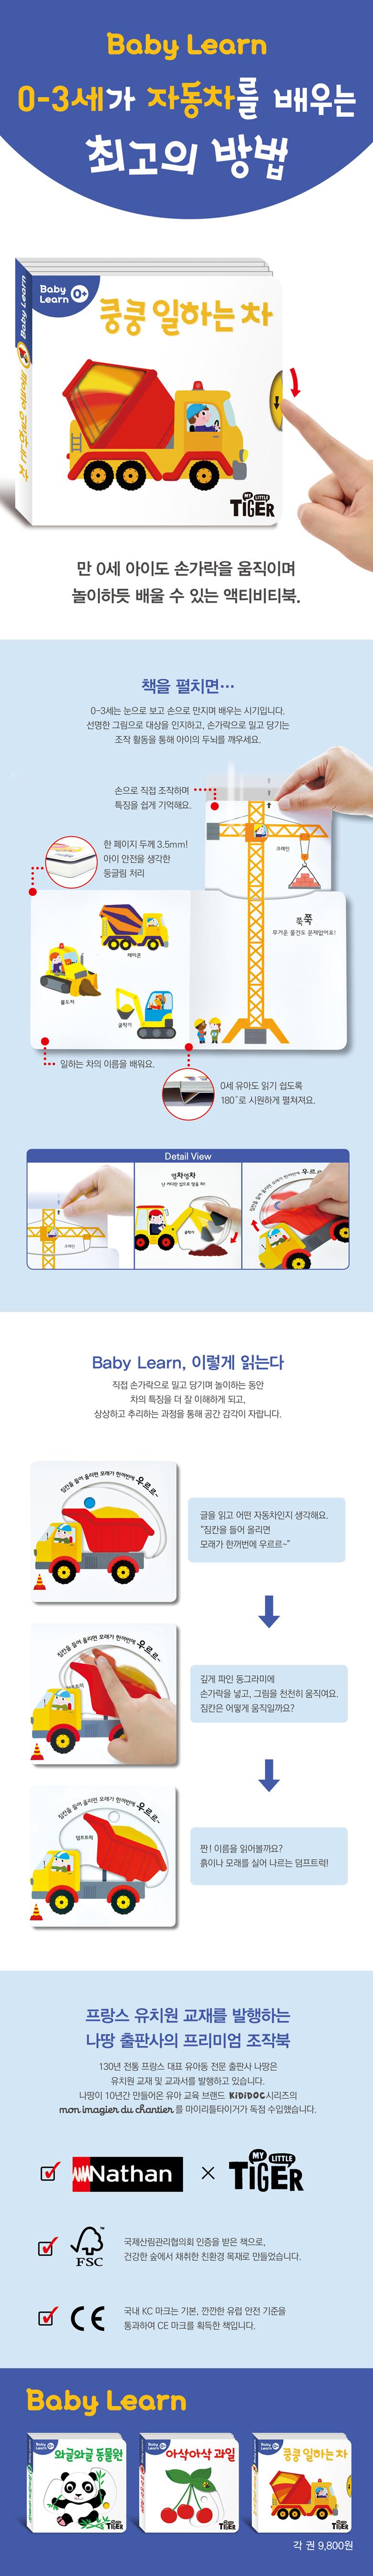 삼성출판사 [Baby Learn] 입체북 시리즈(동물원/과일/일하는차)